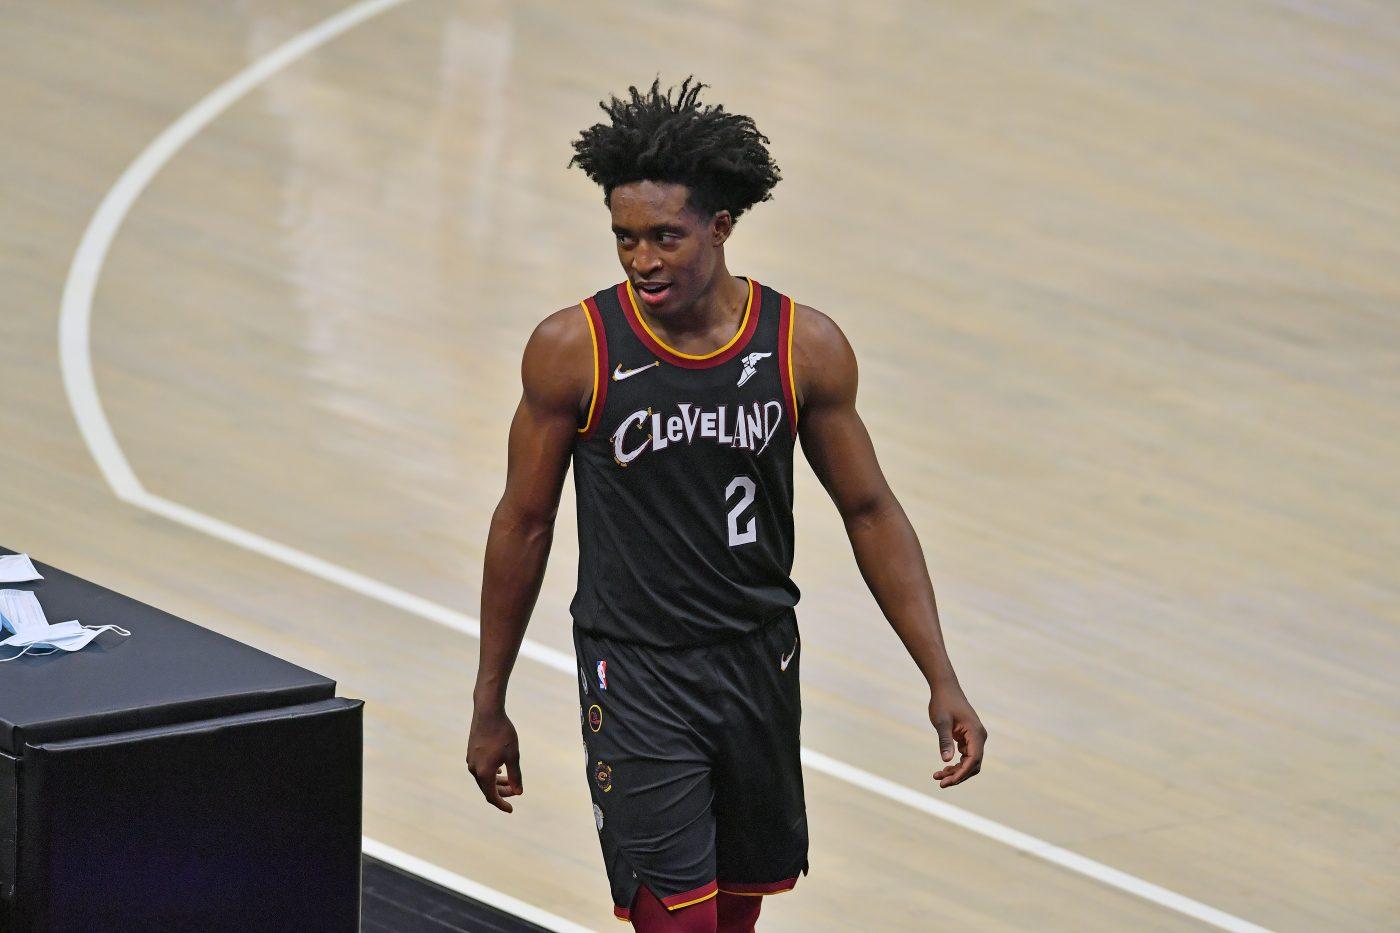 Cleveland Cavaliers handlują rozgrywającym